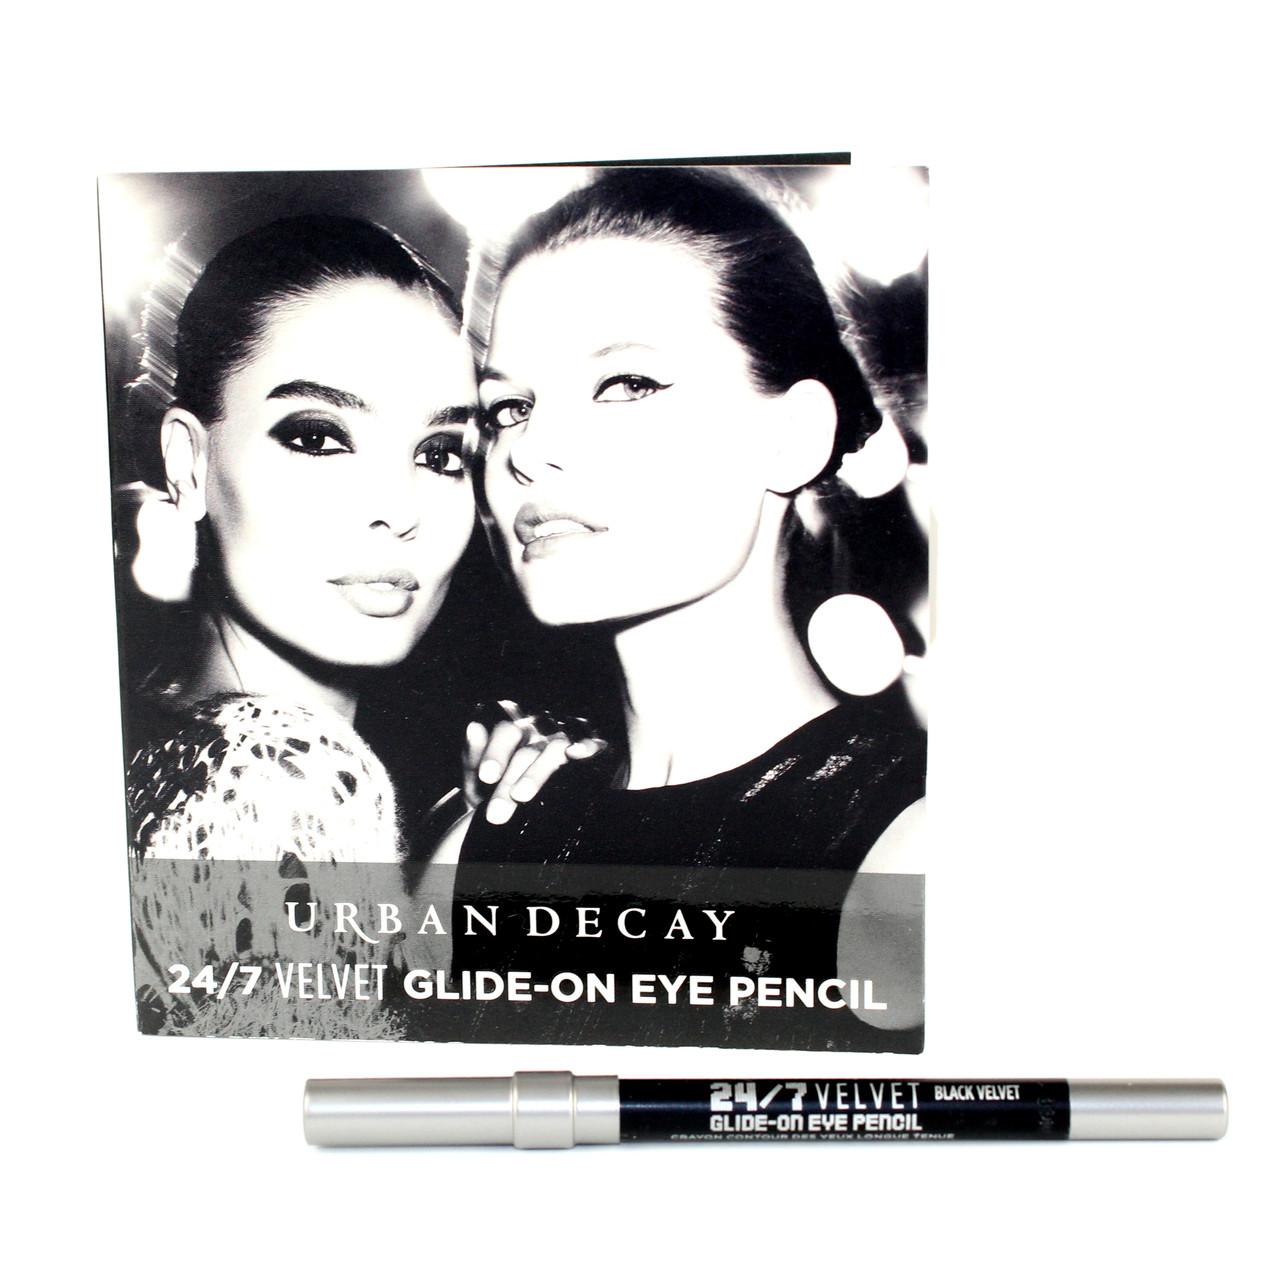 Карандаш для глаз водостойкий матовый черный Urban Decay 24/7 VELVET Glide-On Eye Pencil тестер